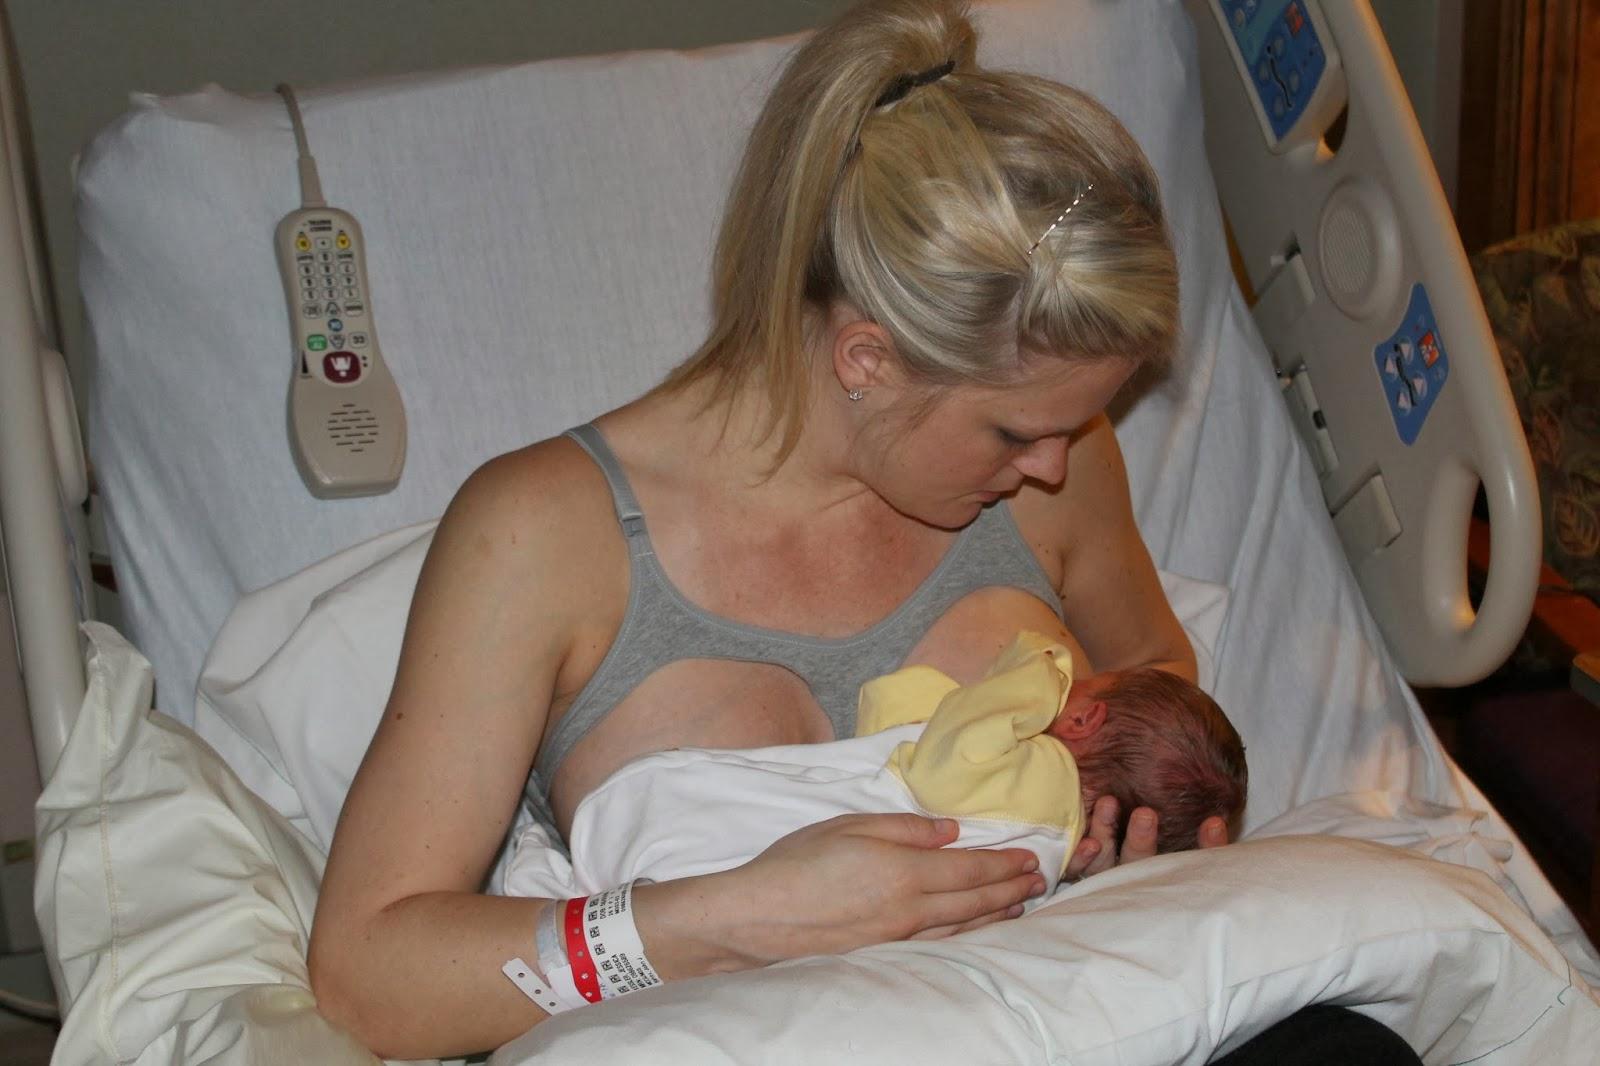 Когда приходит молоко после родов, как ускорить лактацию и обеспечить новорожденного ребенка нормальным питанием